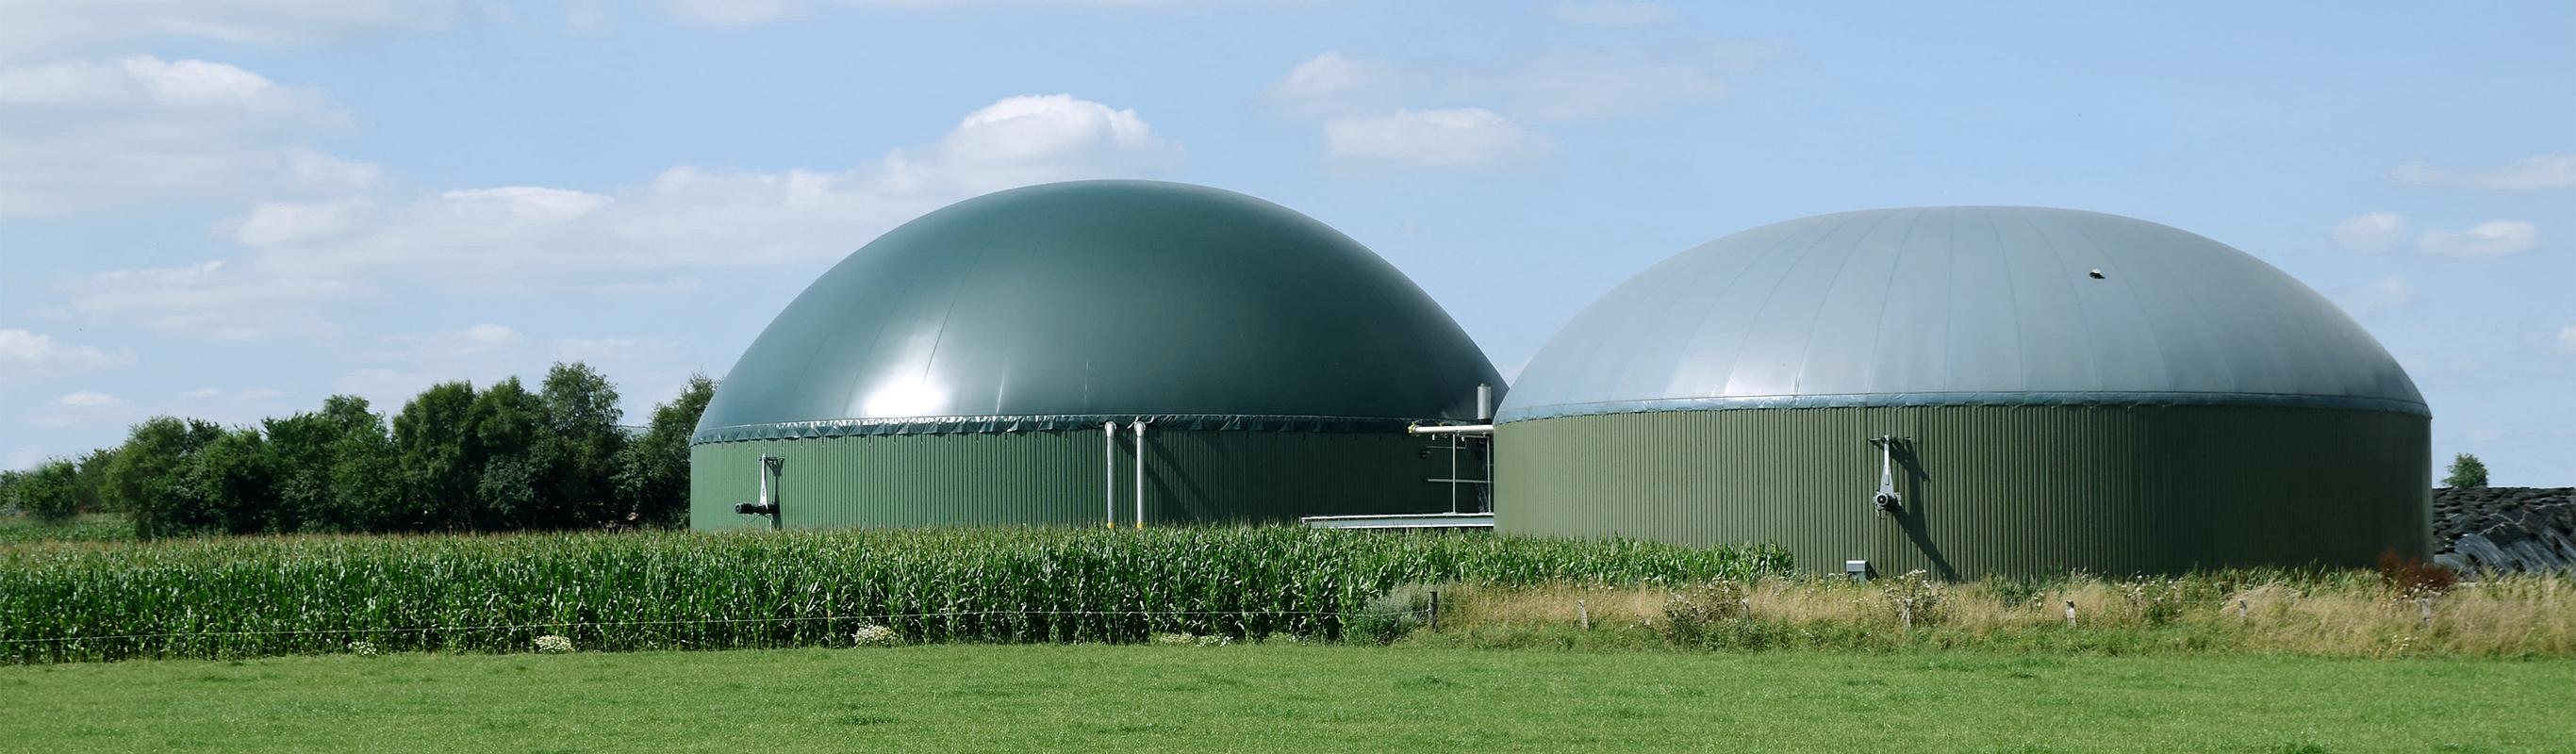 mit biogas die co2 bilanz verbessern. Black Bedroom Furniture Sets. Home Design Ideas